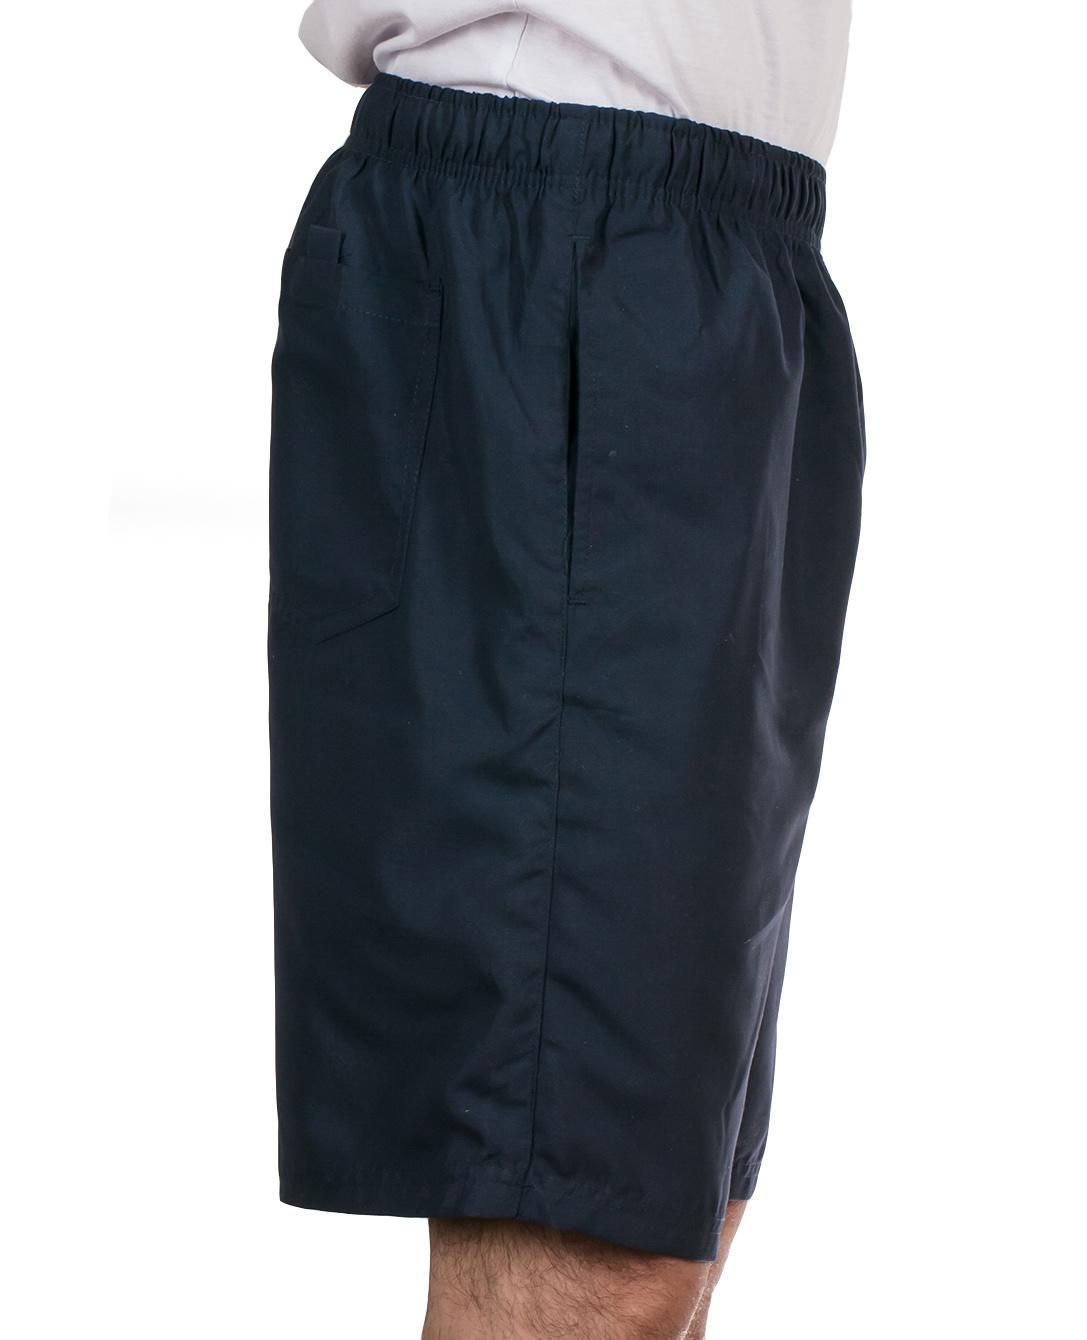 Мужские шорты коллекции 2018 от Favourites (Австралия)